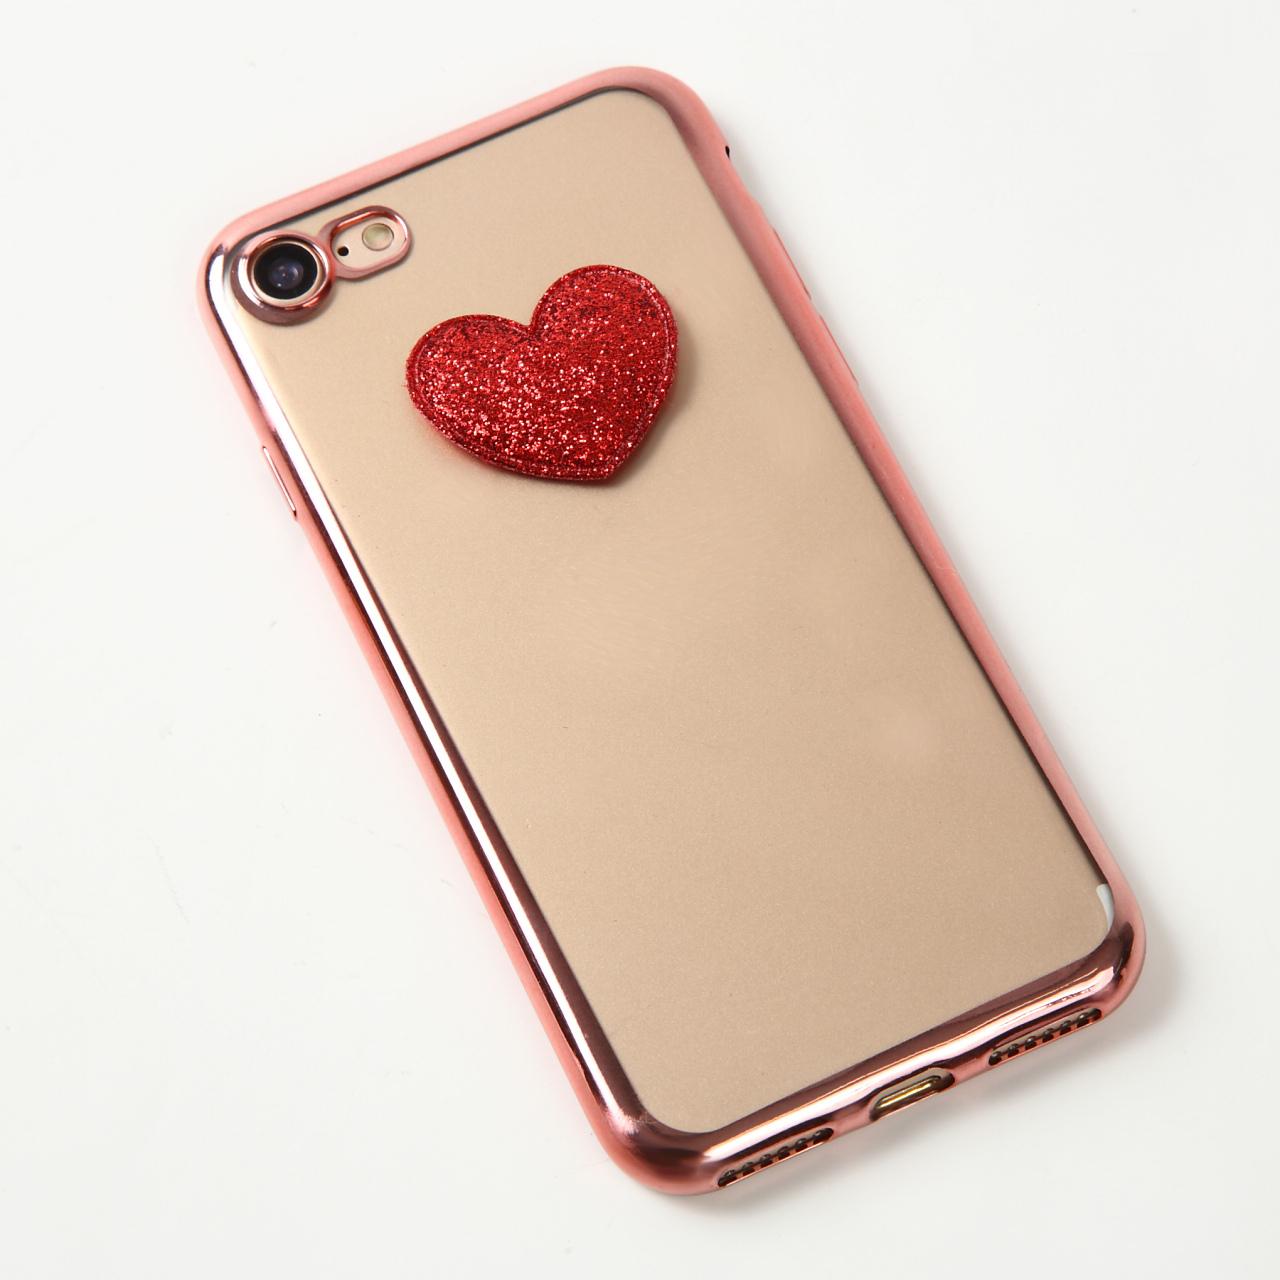 【即納★送料無料】縁ローズゴールドソフトケースにかわいいハート付iPhoneケース